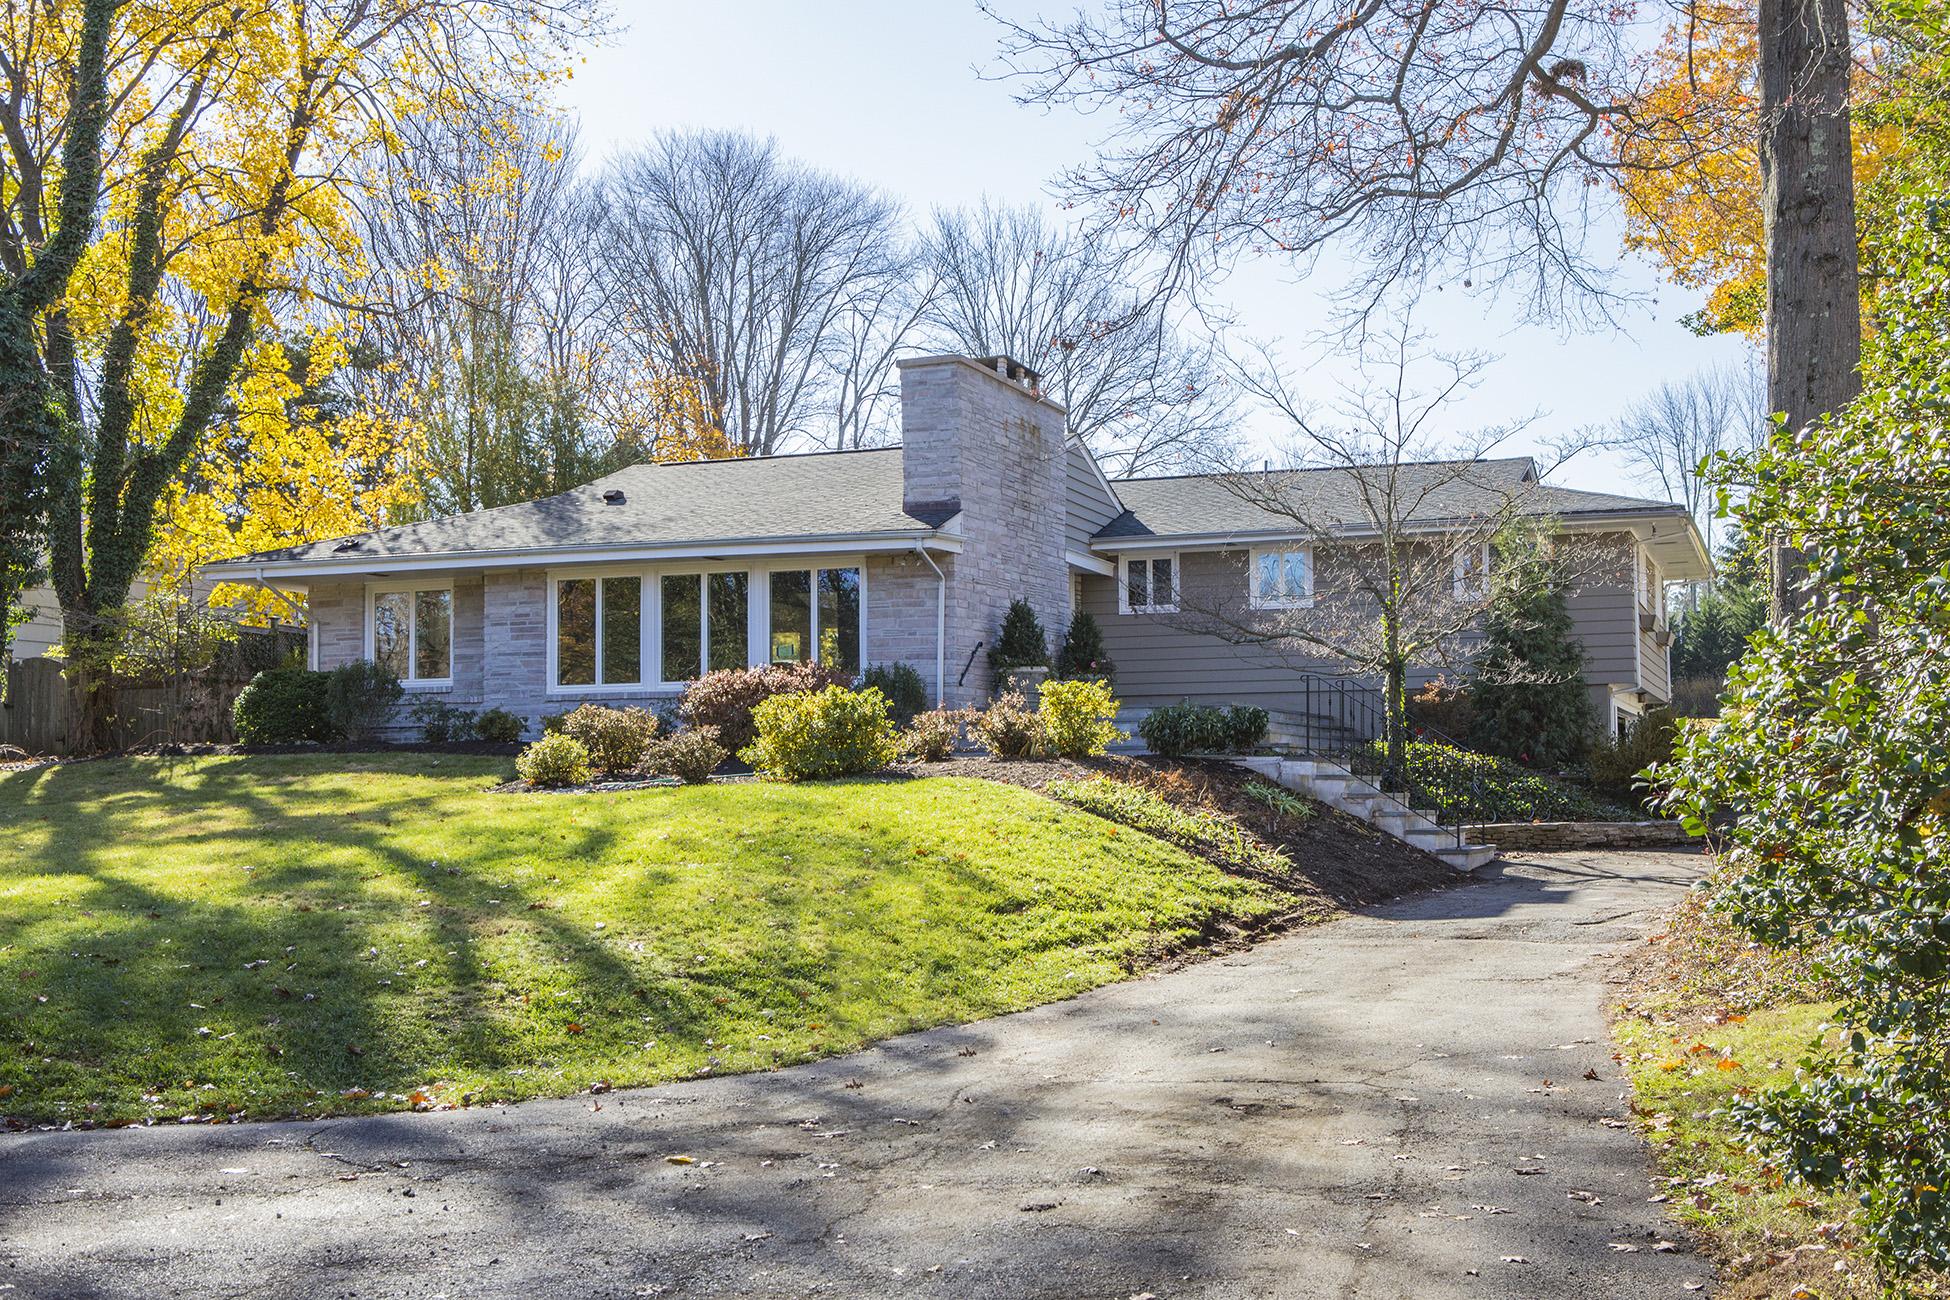 Частный односемейный дом для того Продажа на Classic Mid-Century in Pennington Boro 220 King George Road Pennington, 08534 Соединенные Штаты